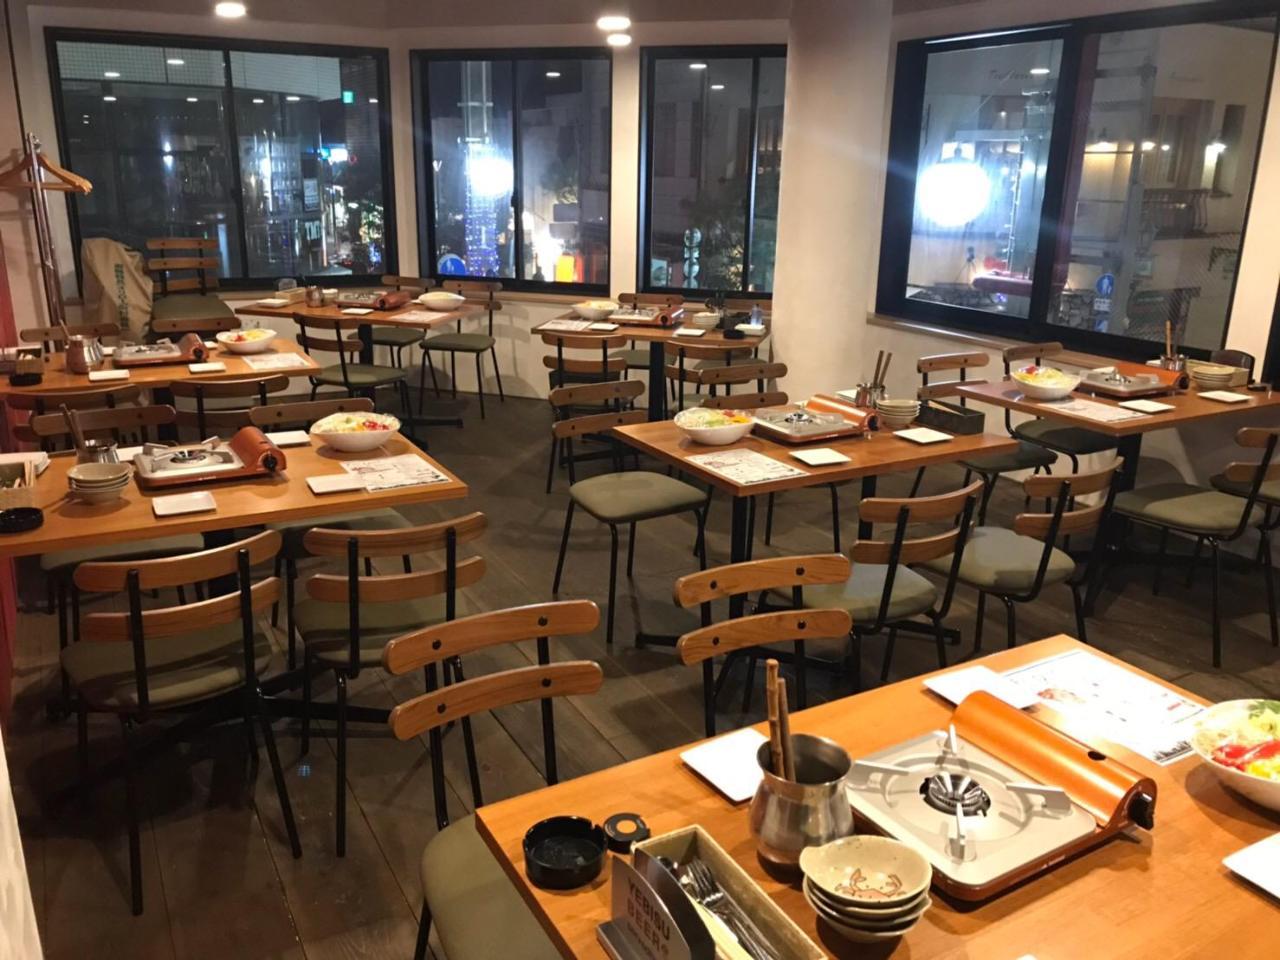 【リエット満喫コース】瀬戸内鮮魚カルパッチョにアヒージョ・ピザも♪120分飲み放題付!全8品4,000円